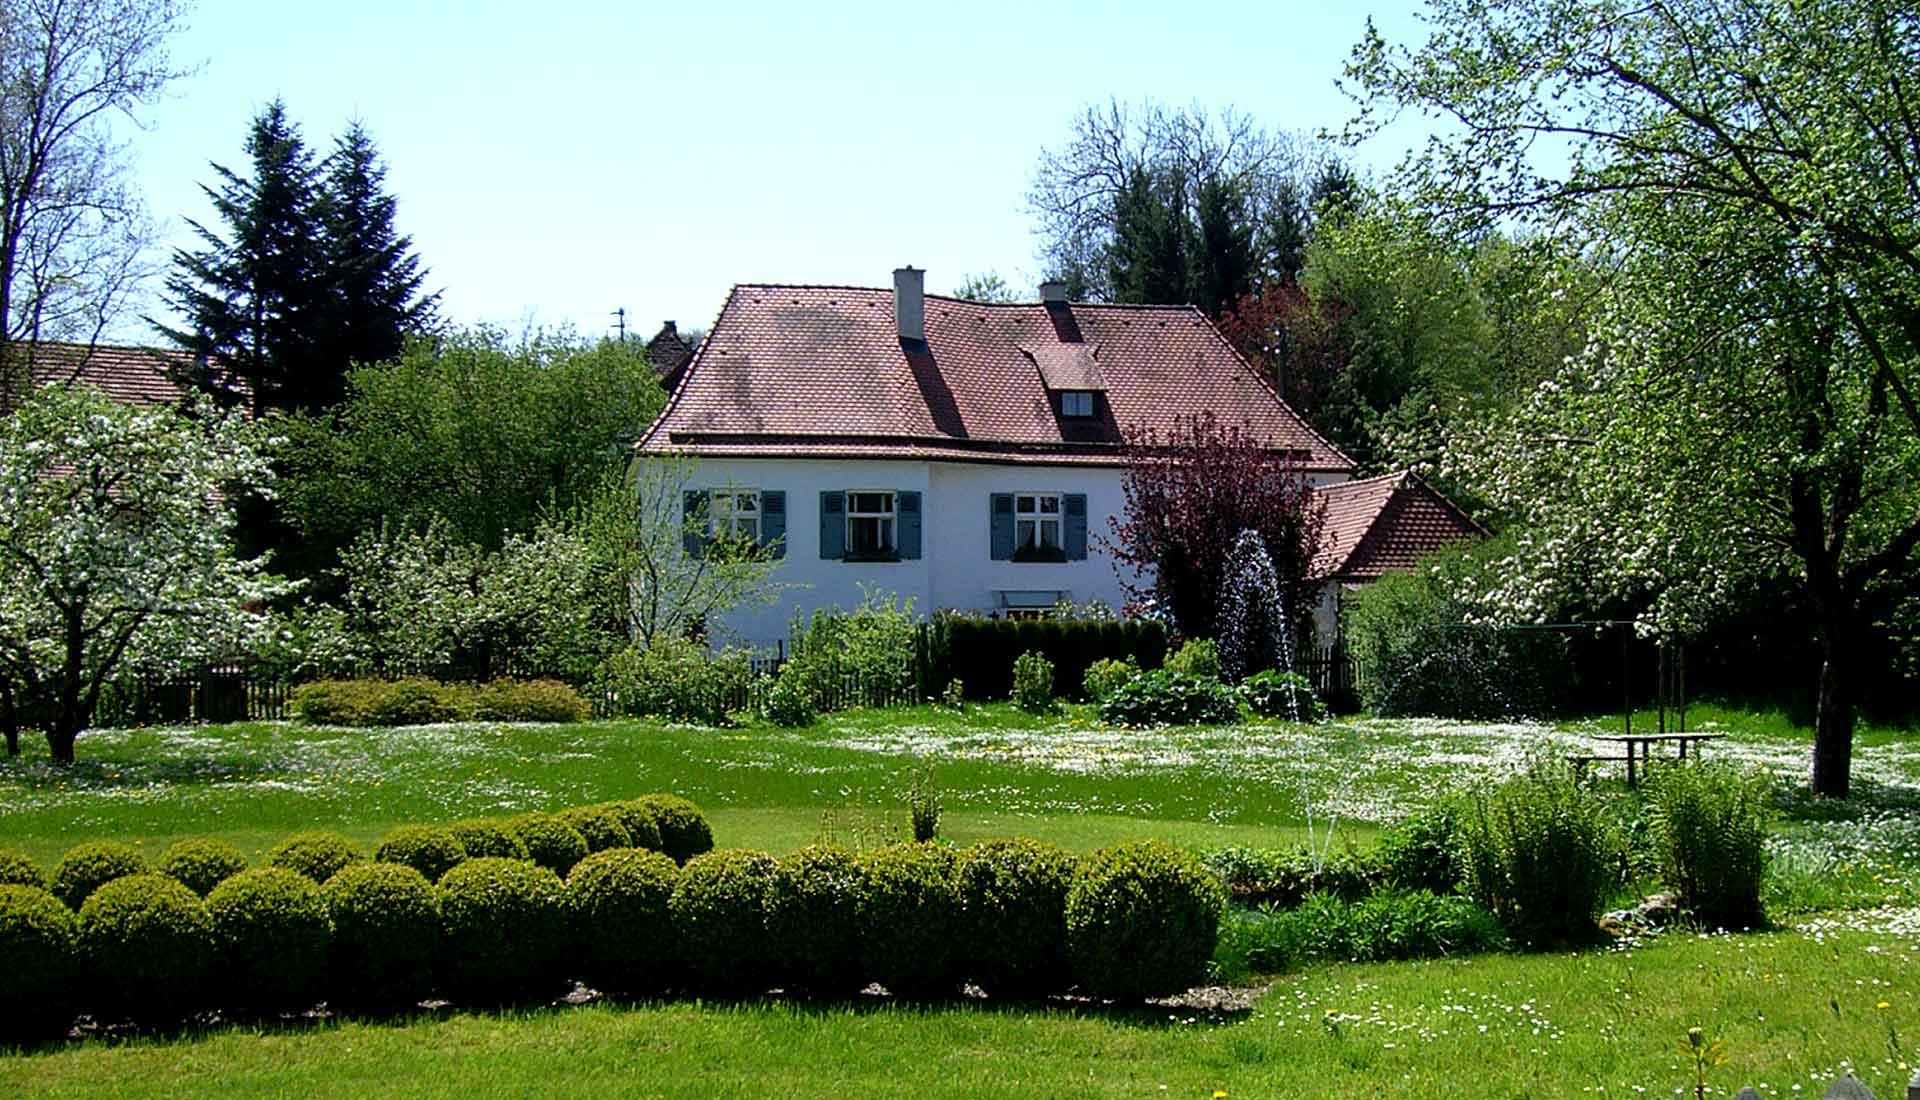 Slide-Hotel-Aussen-2-Klosterhof-Gutenzell-1920-1100